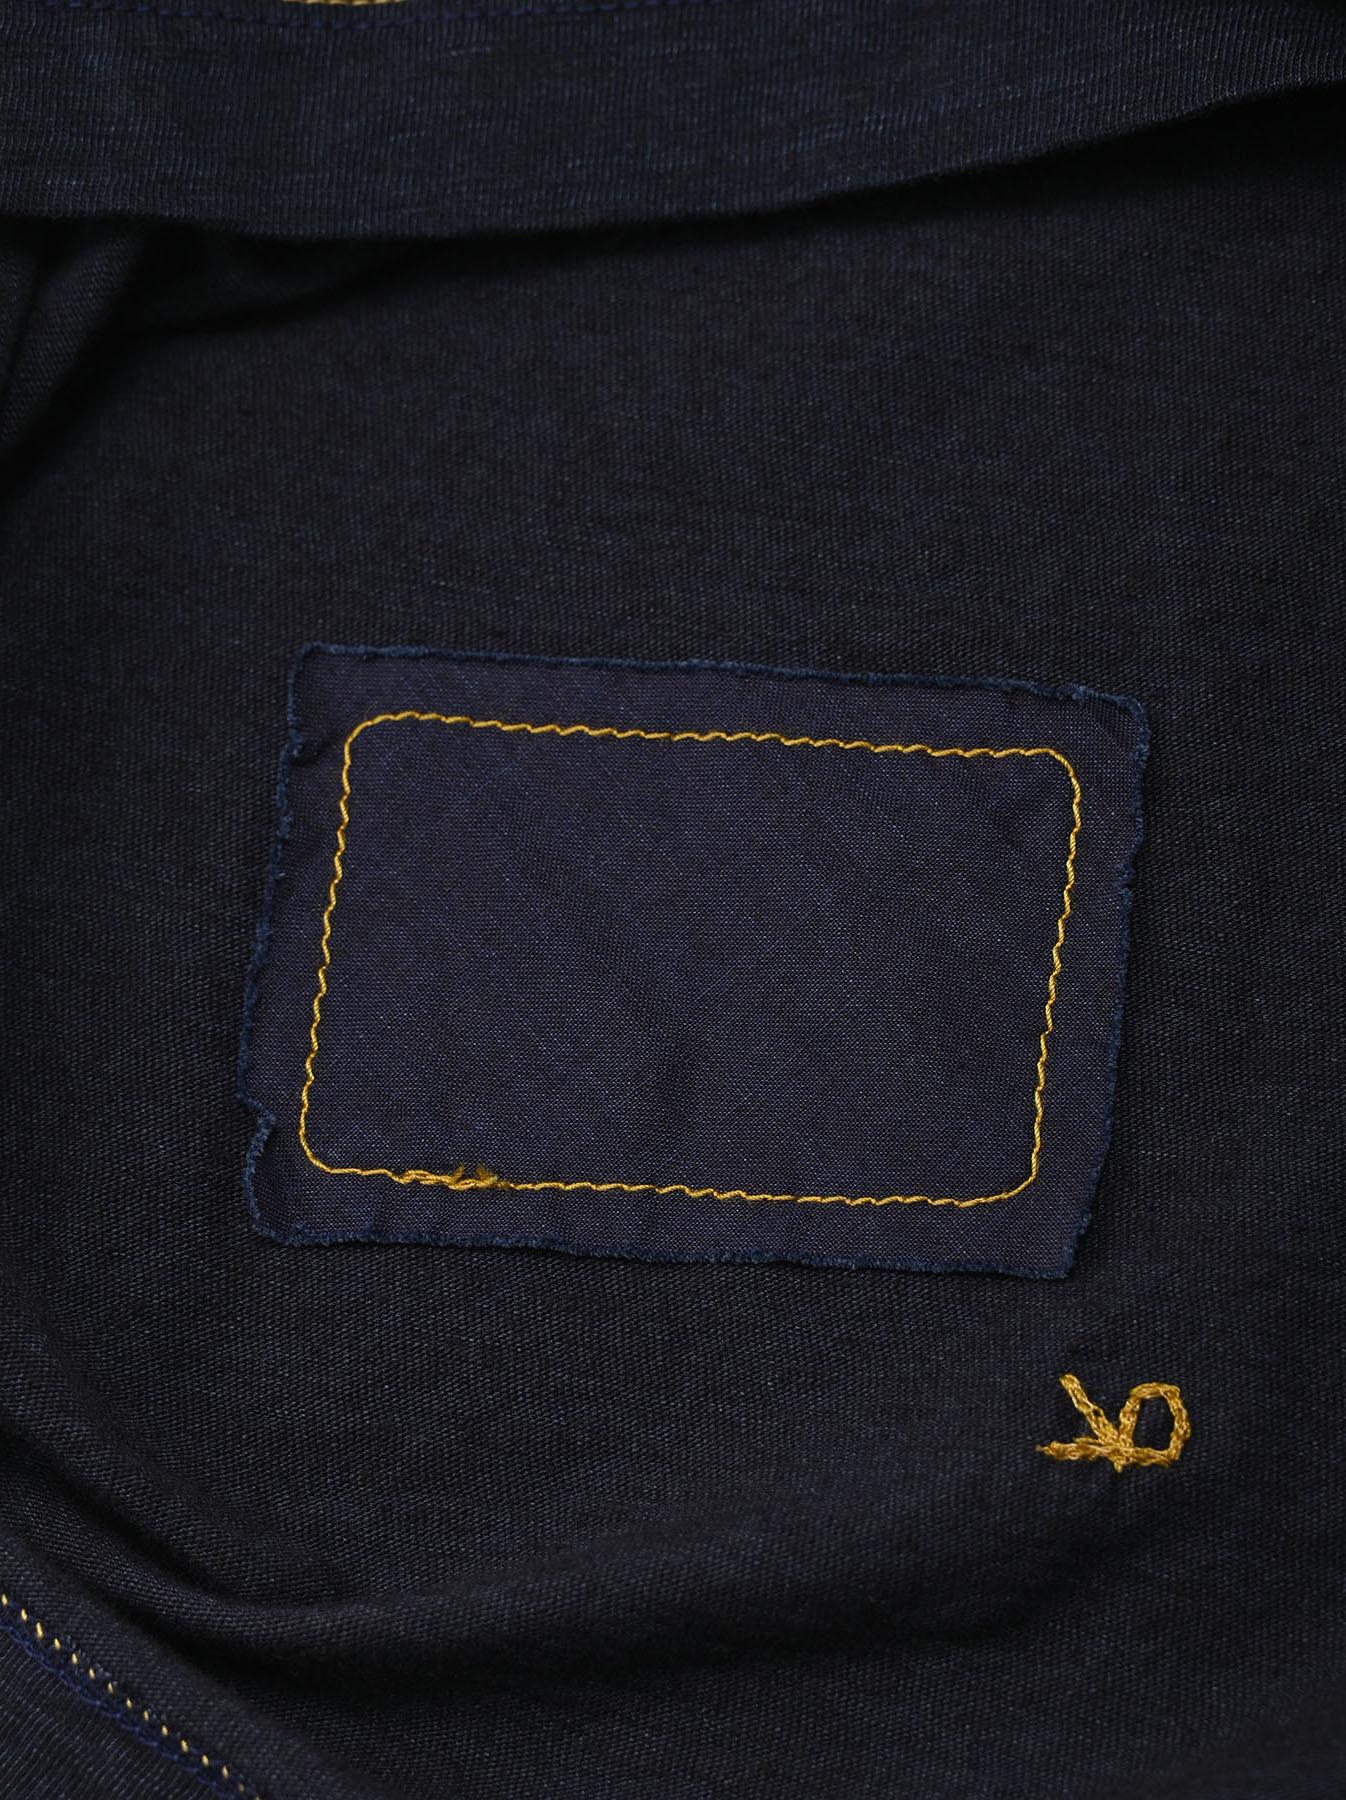 Indigo Sumite de Chicken T-shirt-11